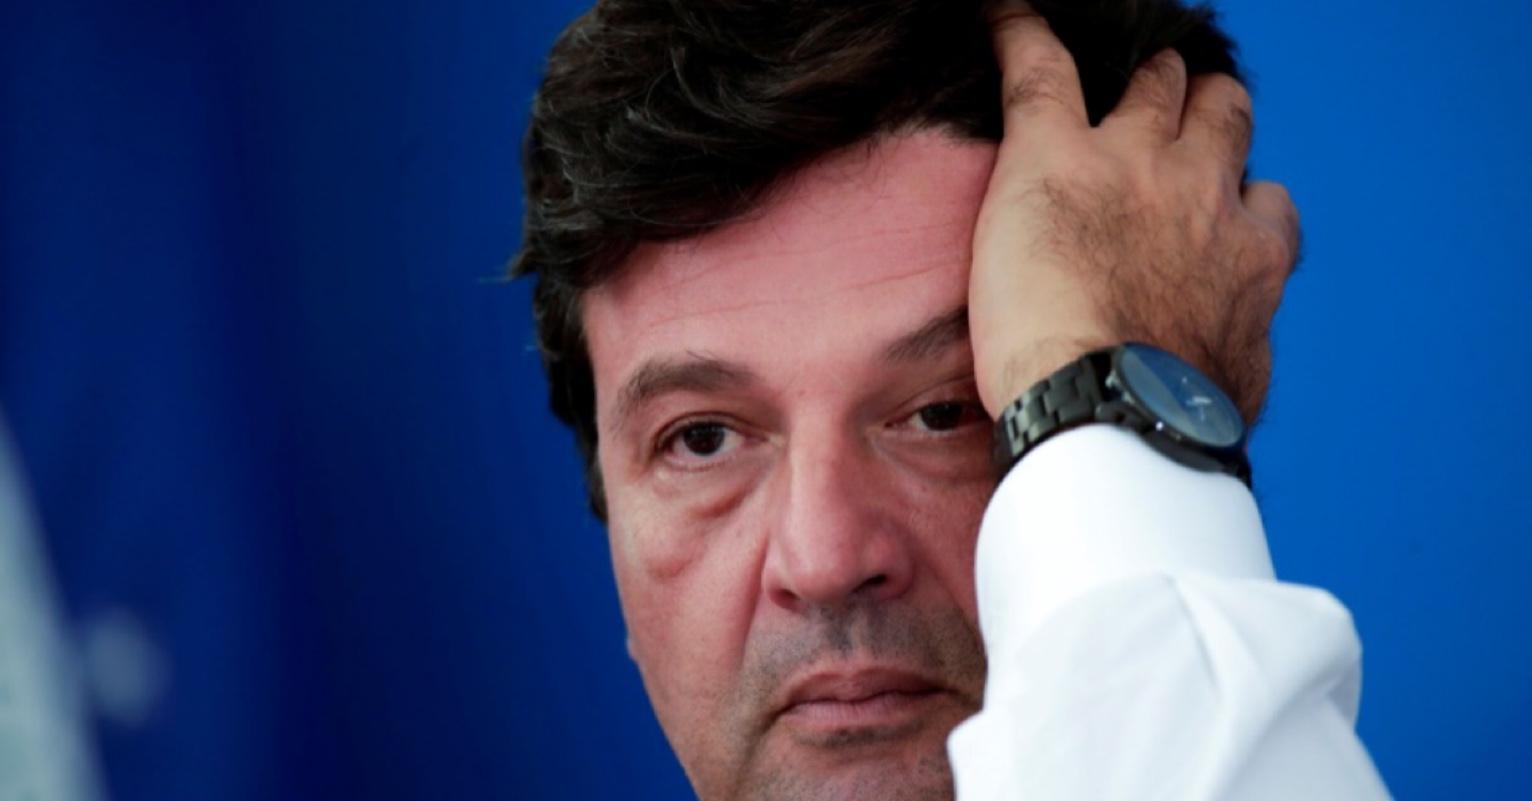 Henrique Mandetta diz que dormia e não viu Jair Bolsonaro falar sobre canetada